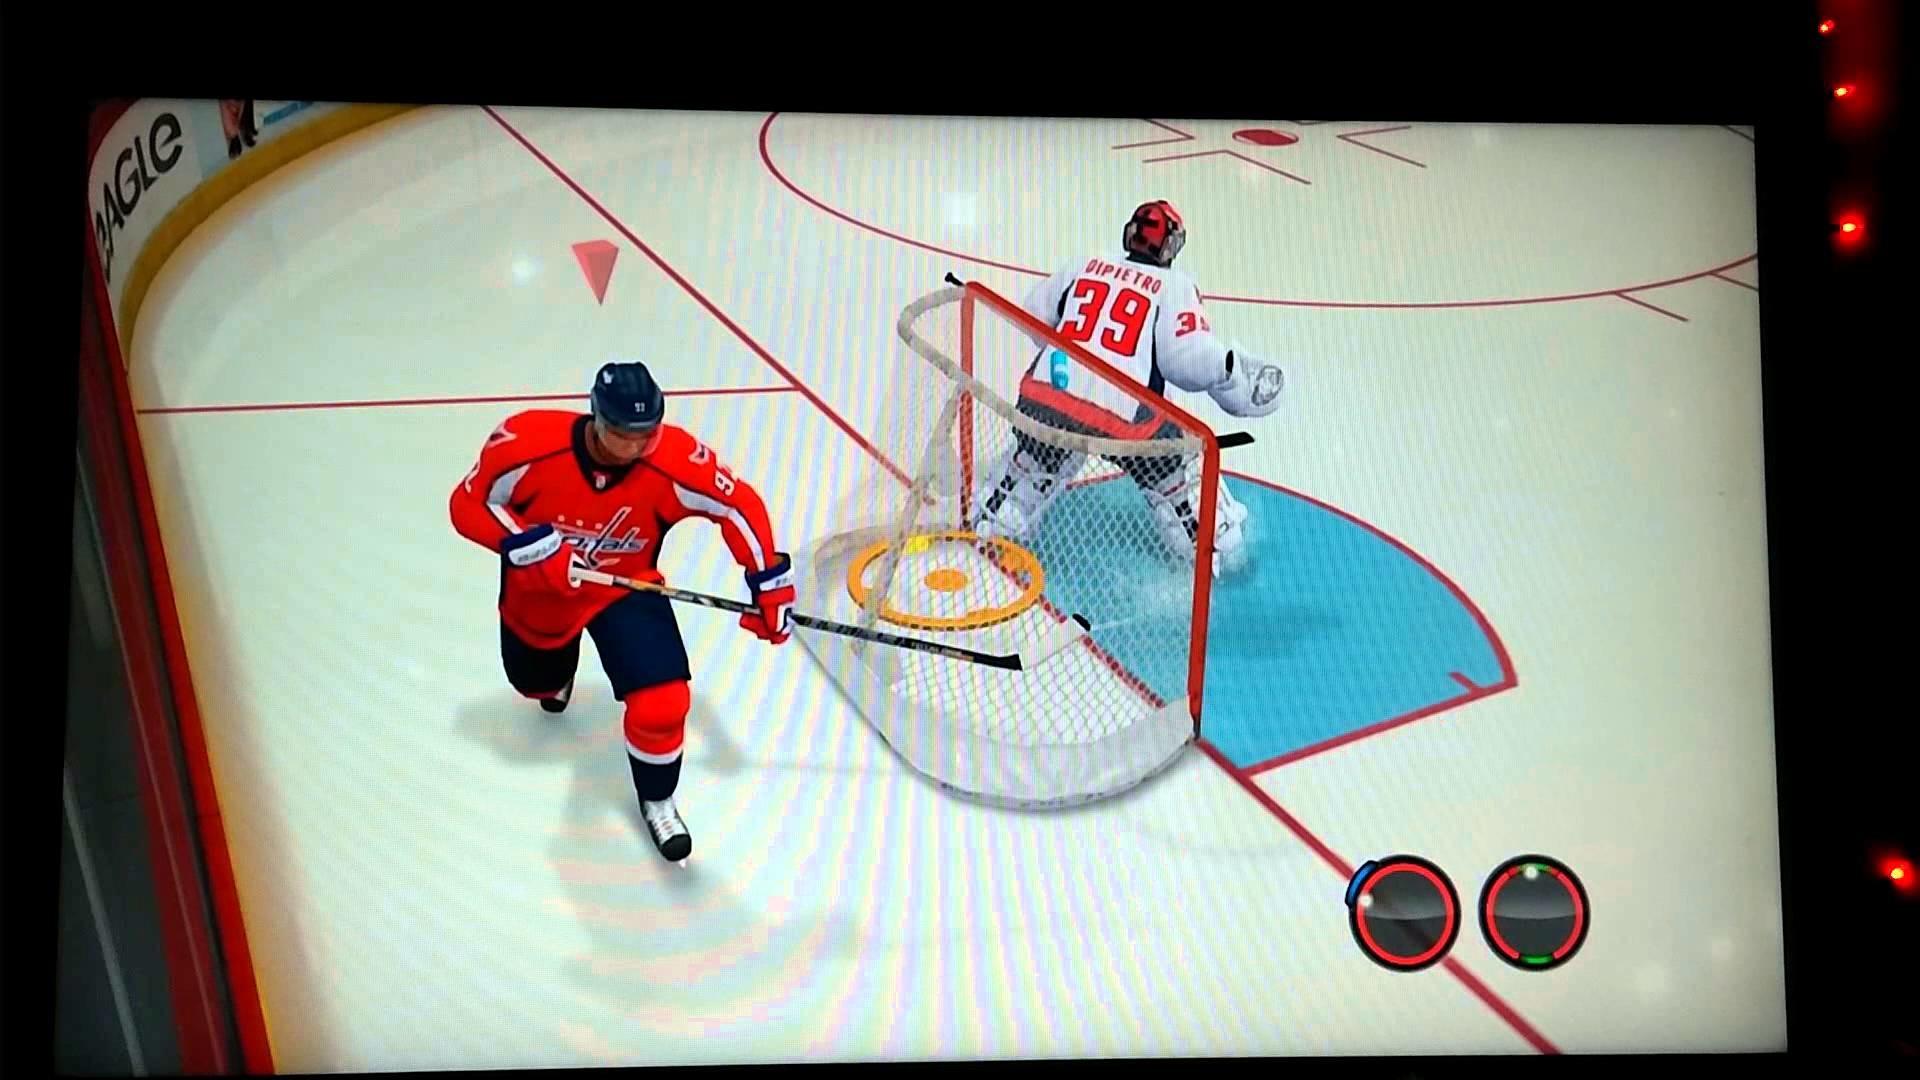 Evgeny Kuznetsov NHL 13 Trick Shot Washington Capitals